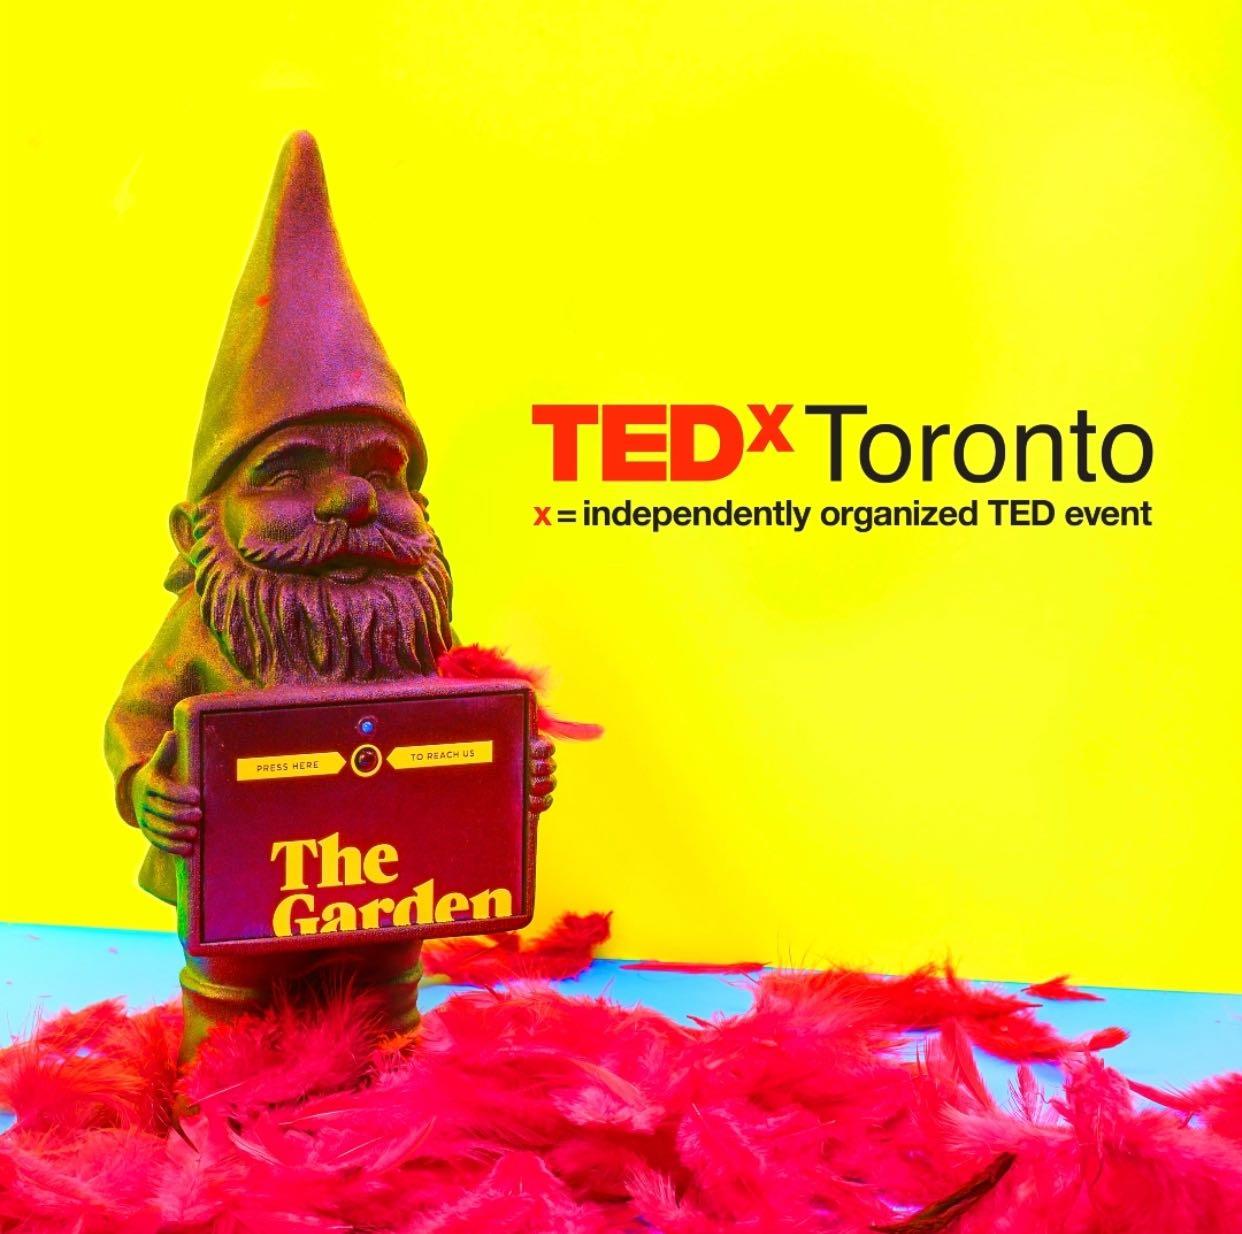 The_Garden_TEDxToronto